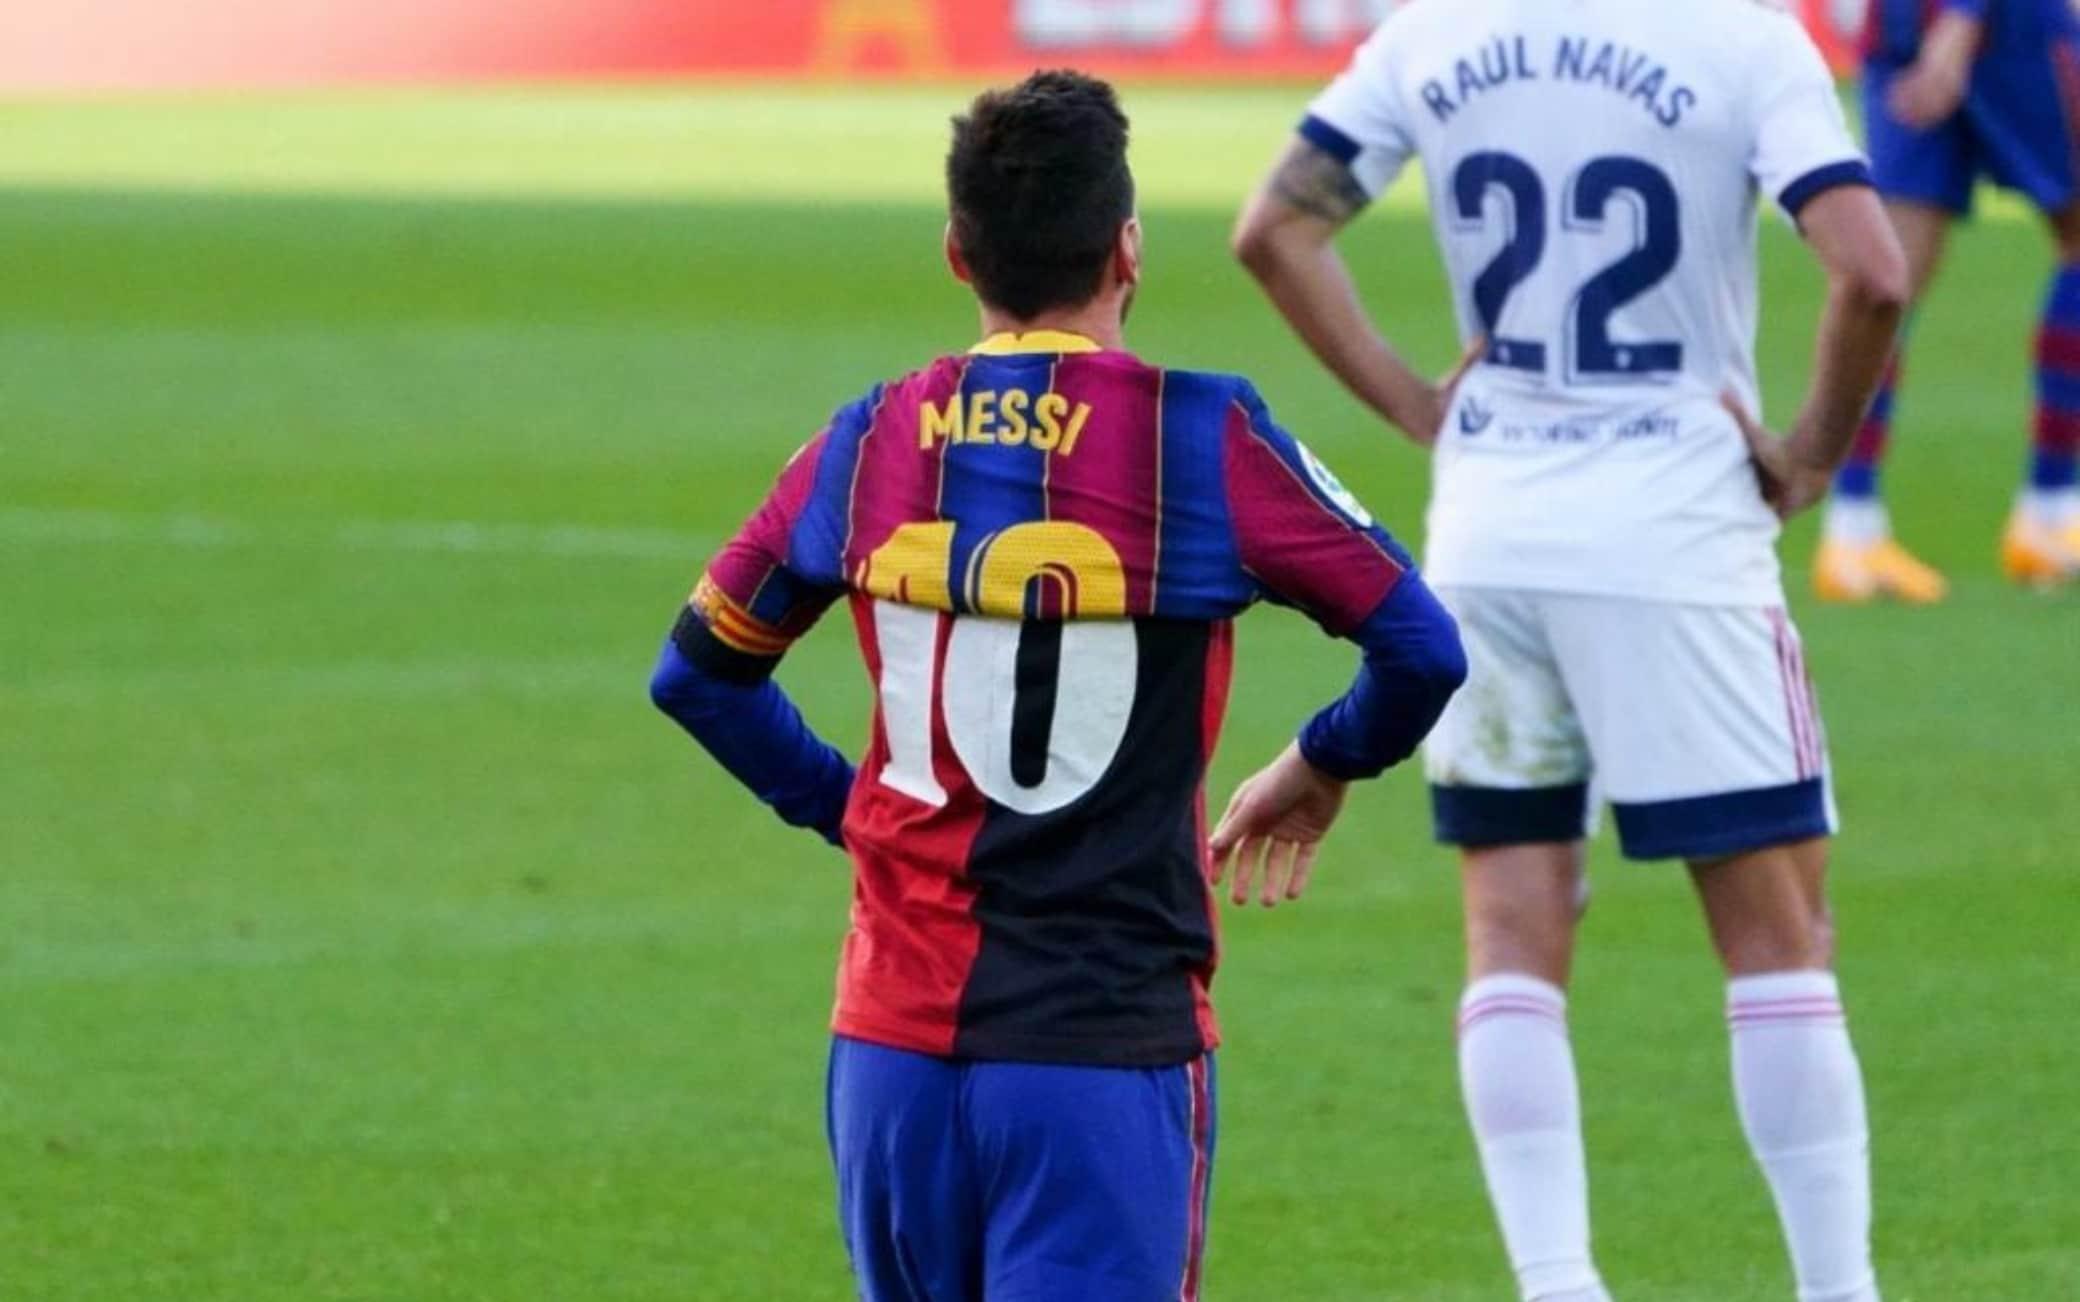 L'omaggio di Messi a Maradona: mostrò la sua vecchia maglia del Newell's al primo gol dopo la sua morte